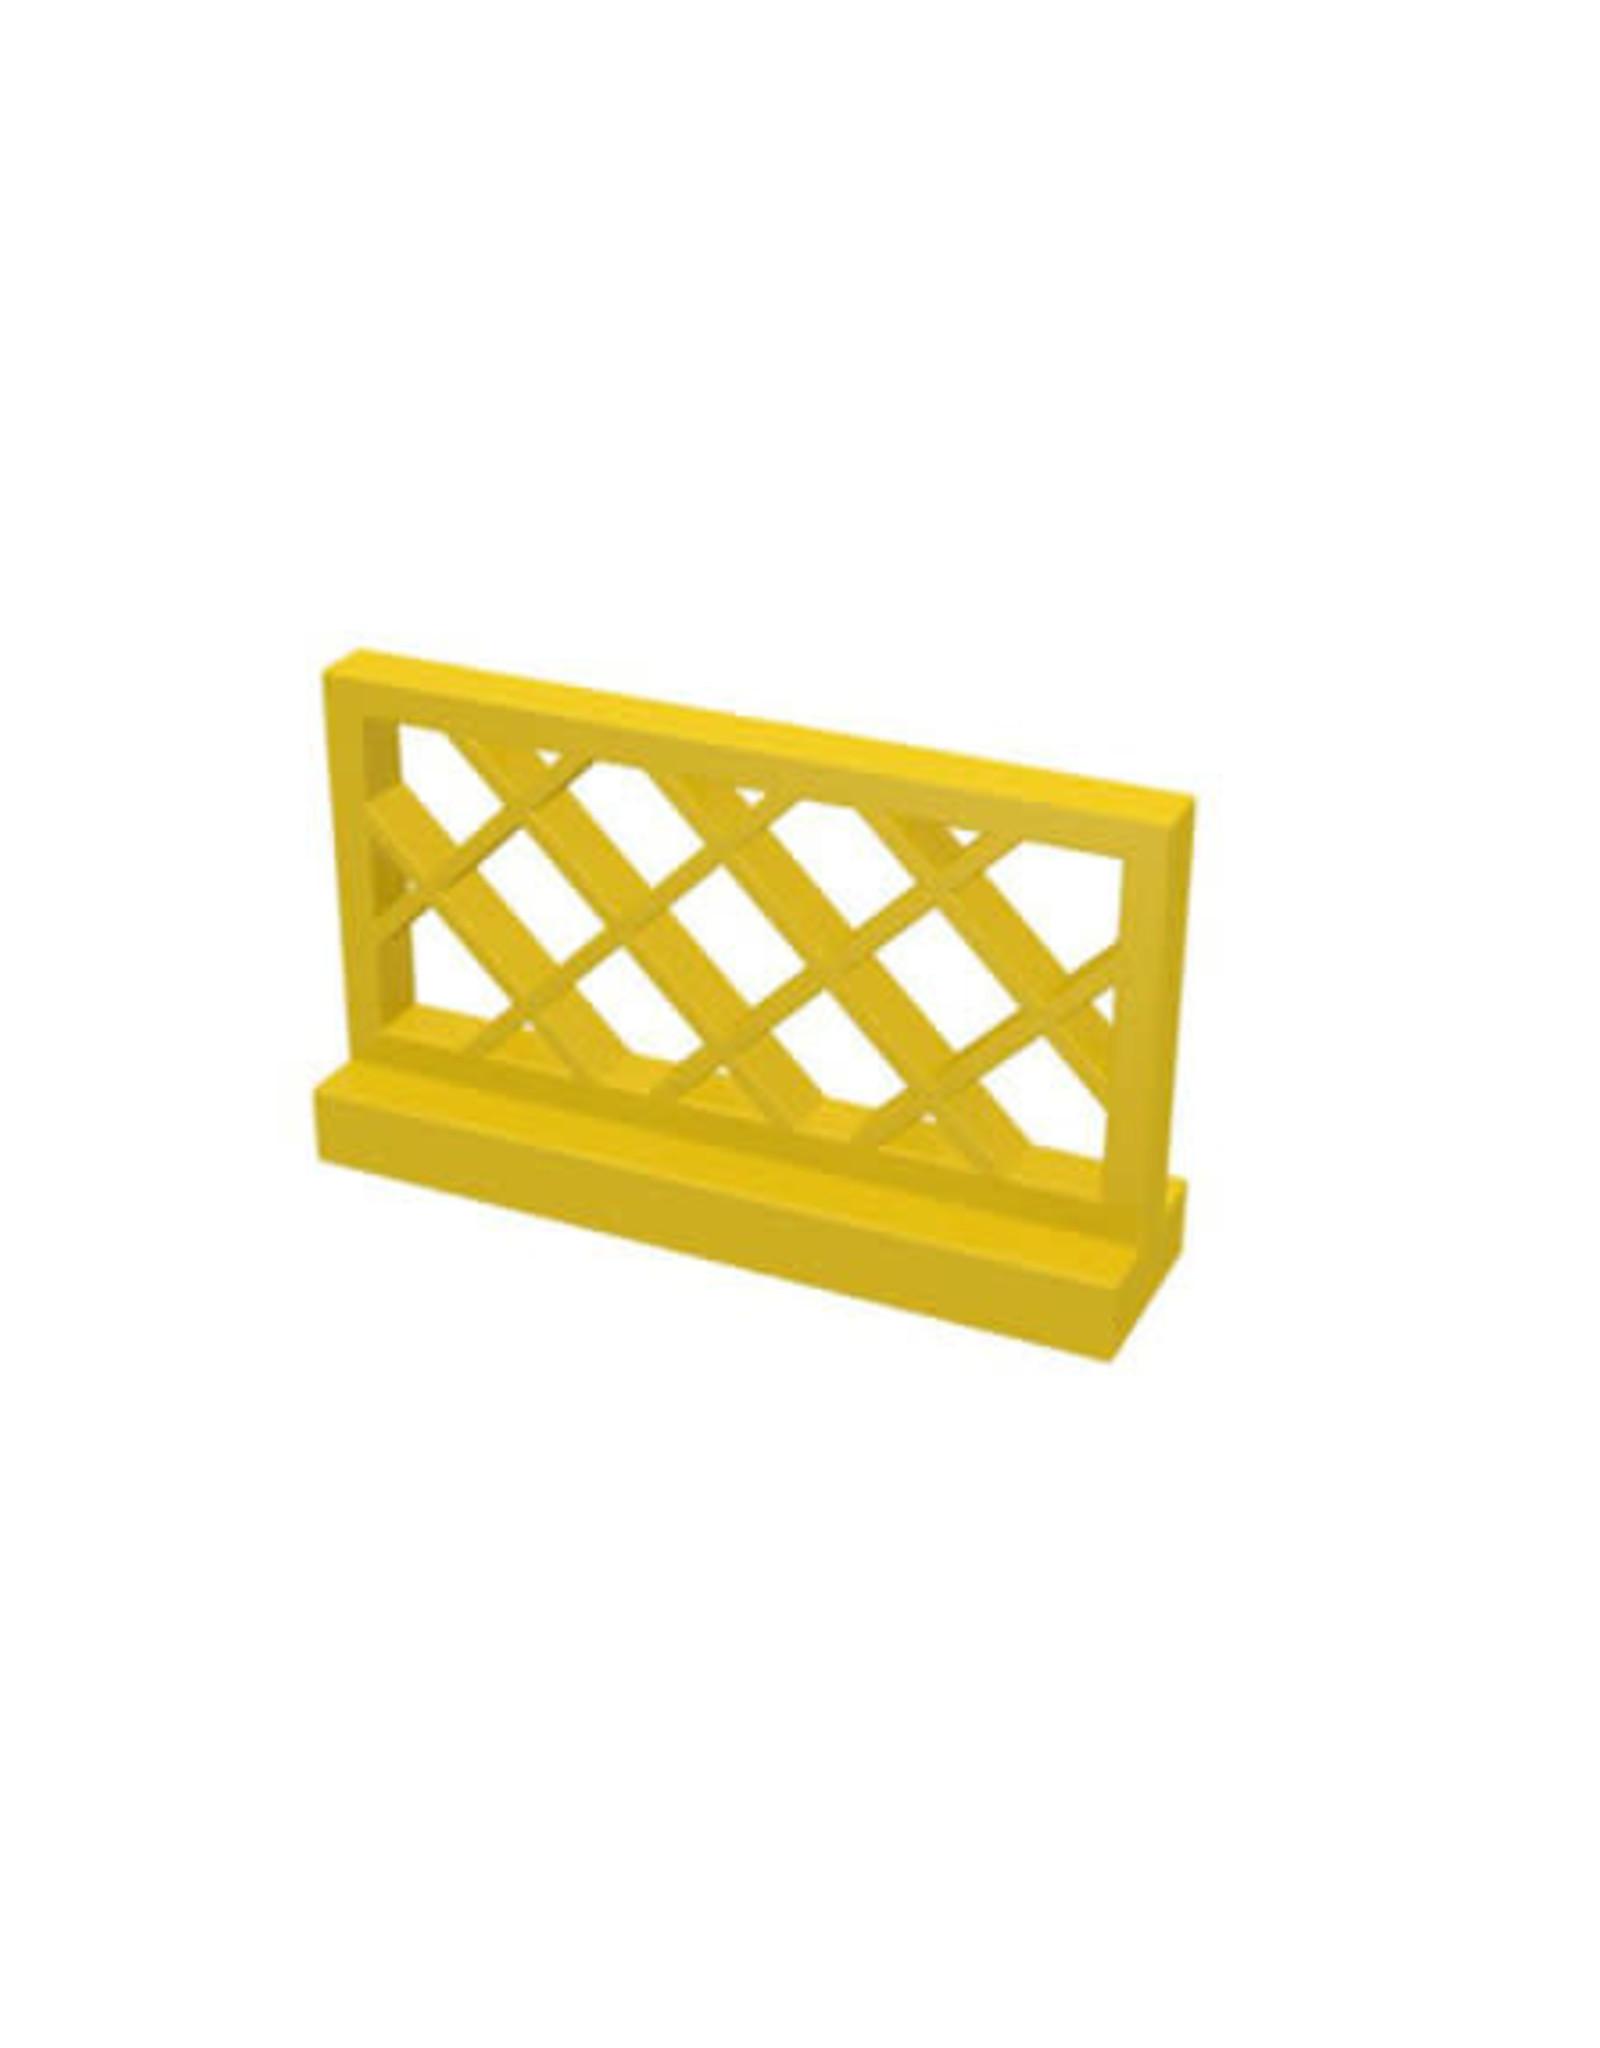 LEGO LEGO Hekjes 1 x 4 x 2 hoog